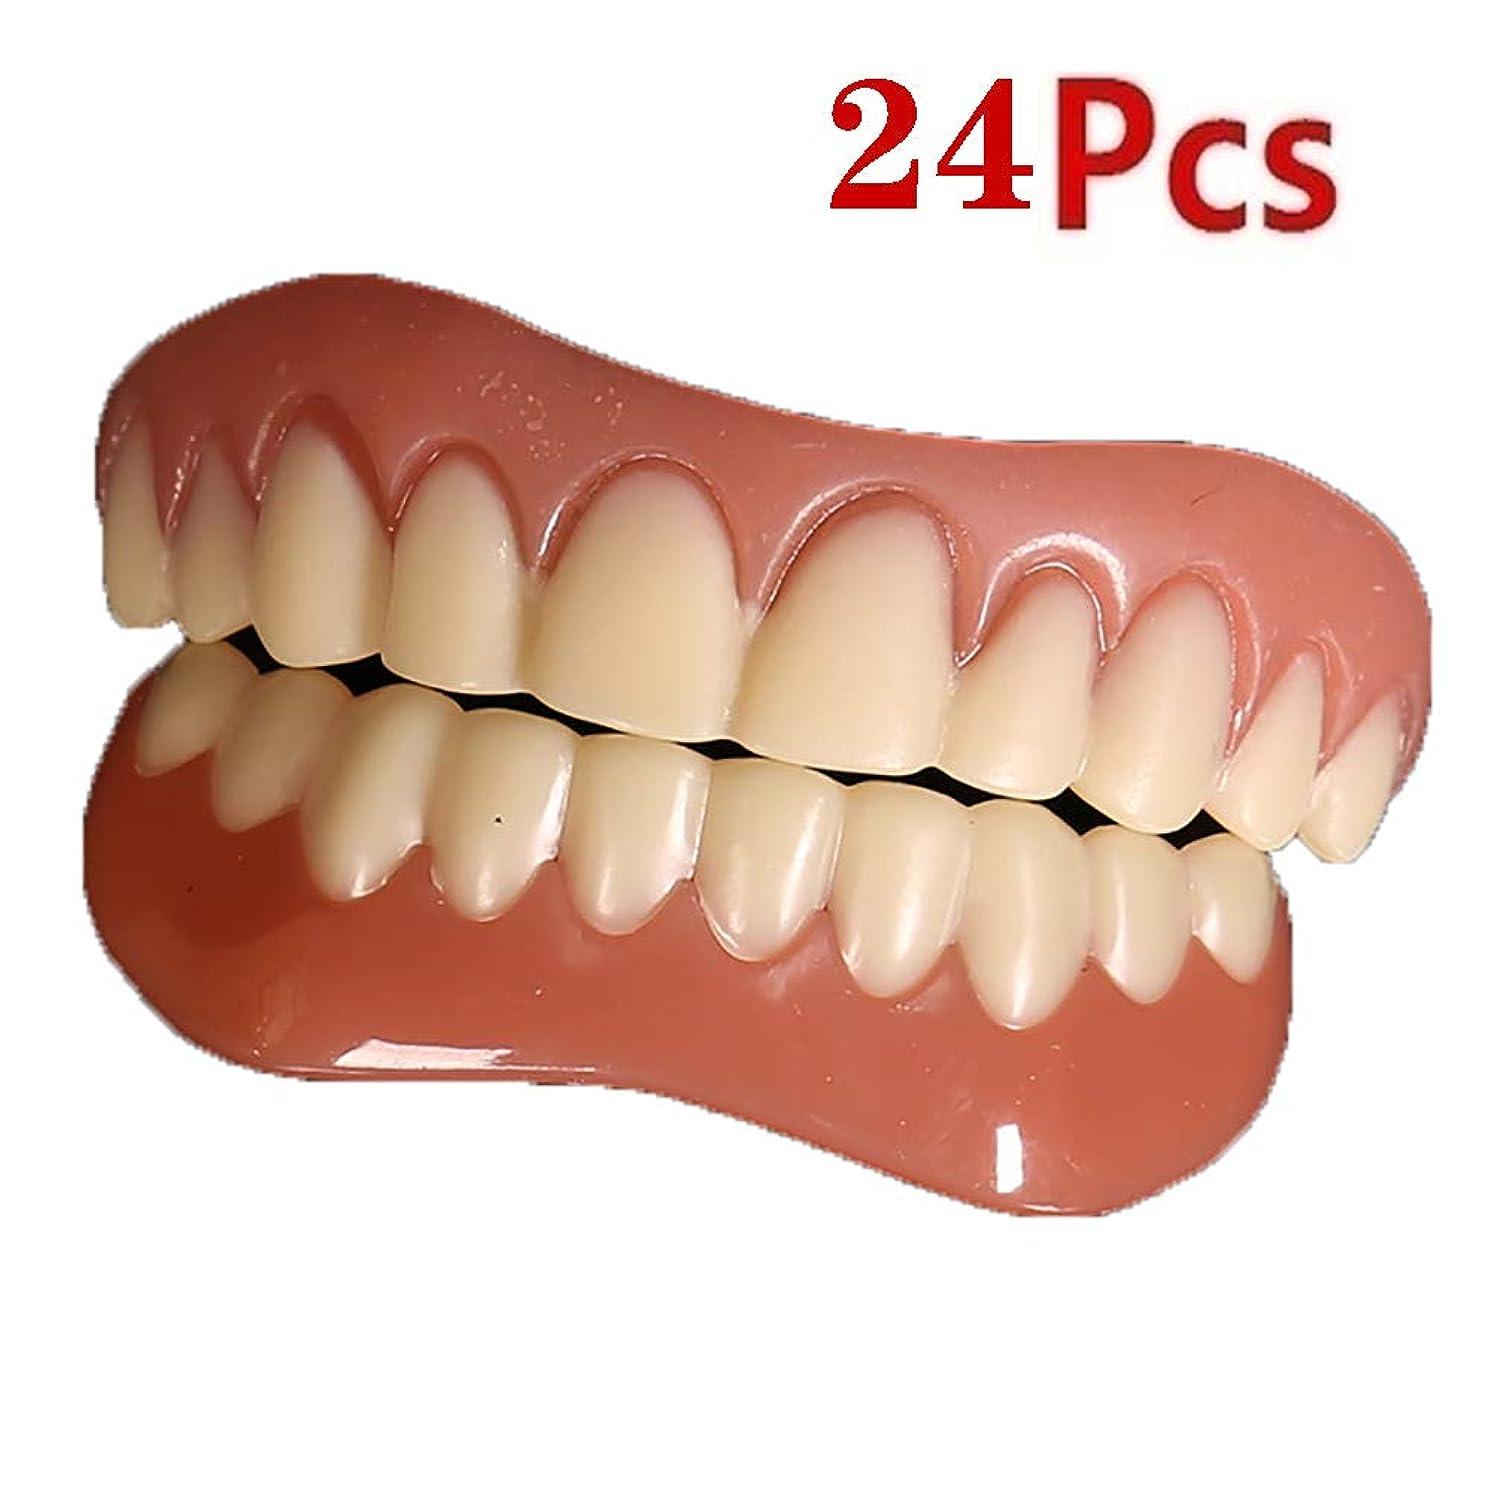 シェルランクつづり12セット完璧な笑顔のベニヤダブ悪い歯のための歯の修正のための在庫で完璧な笑顔のベニヤ歯ホワイトニング